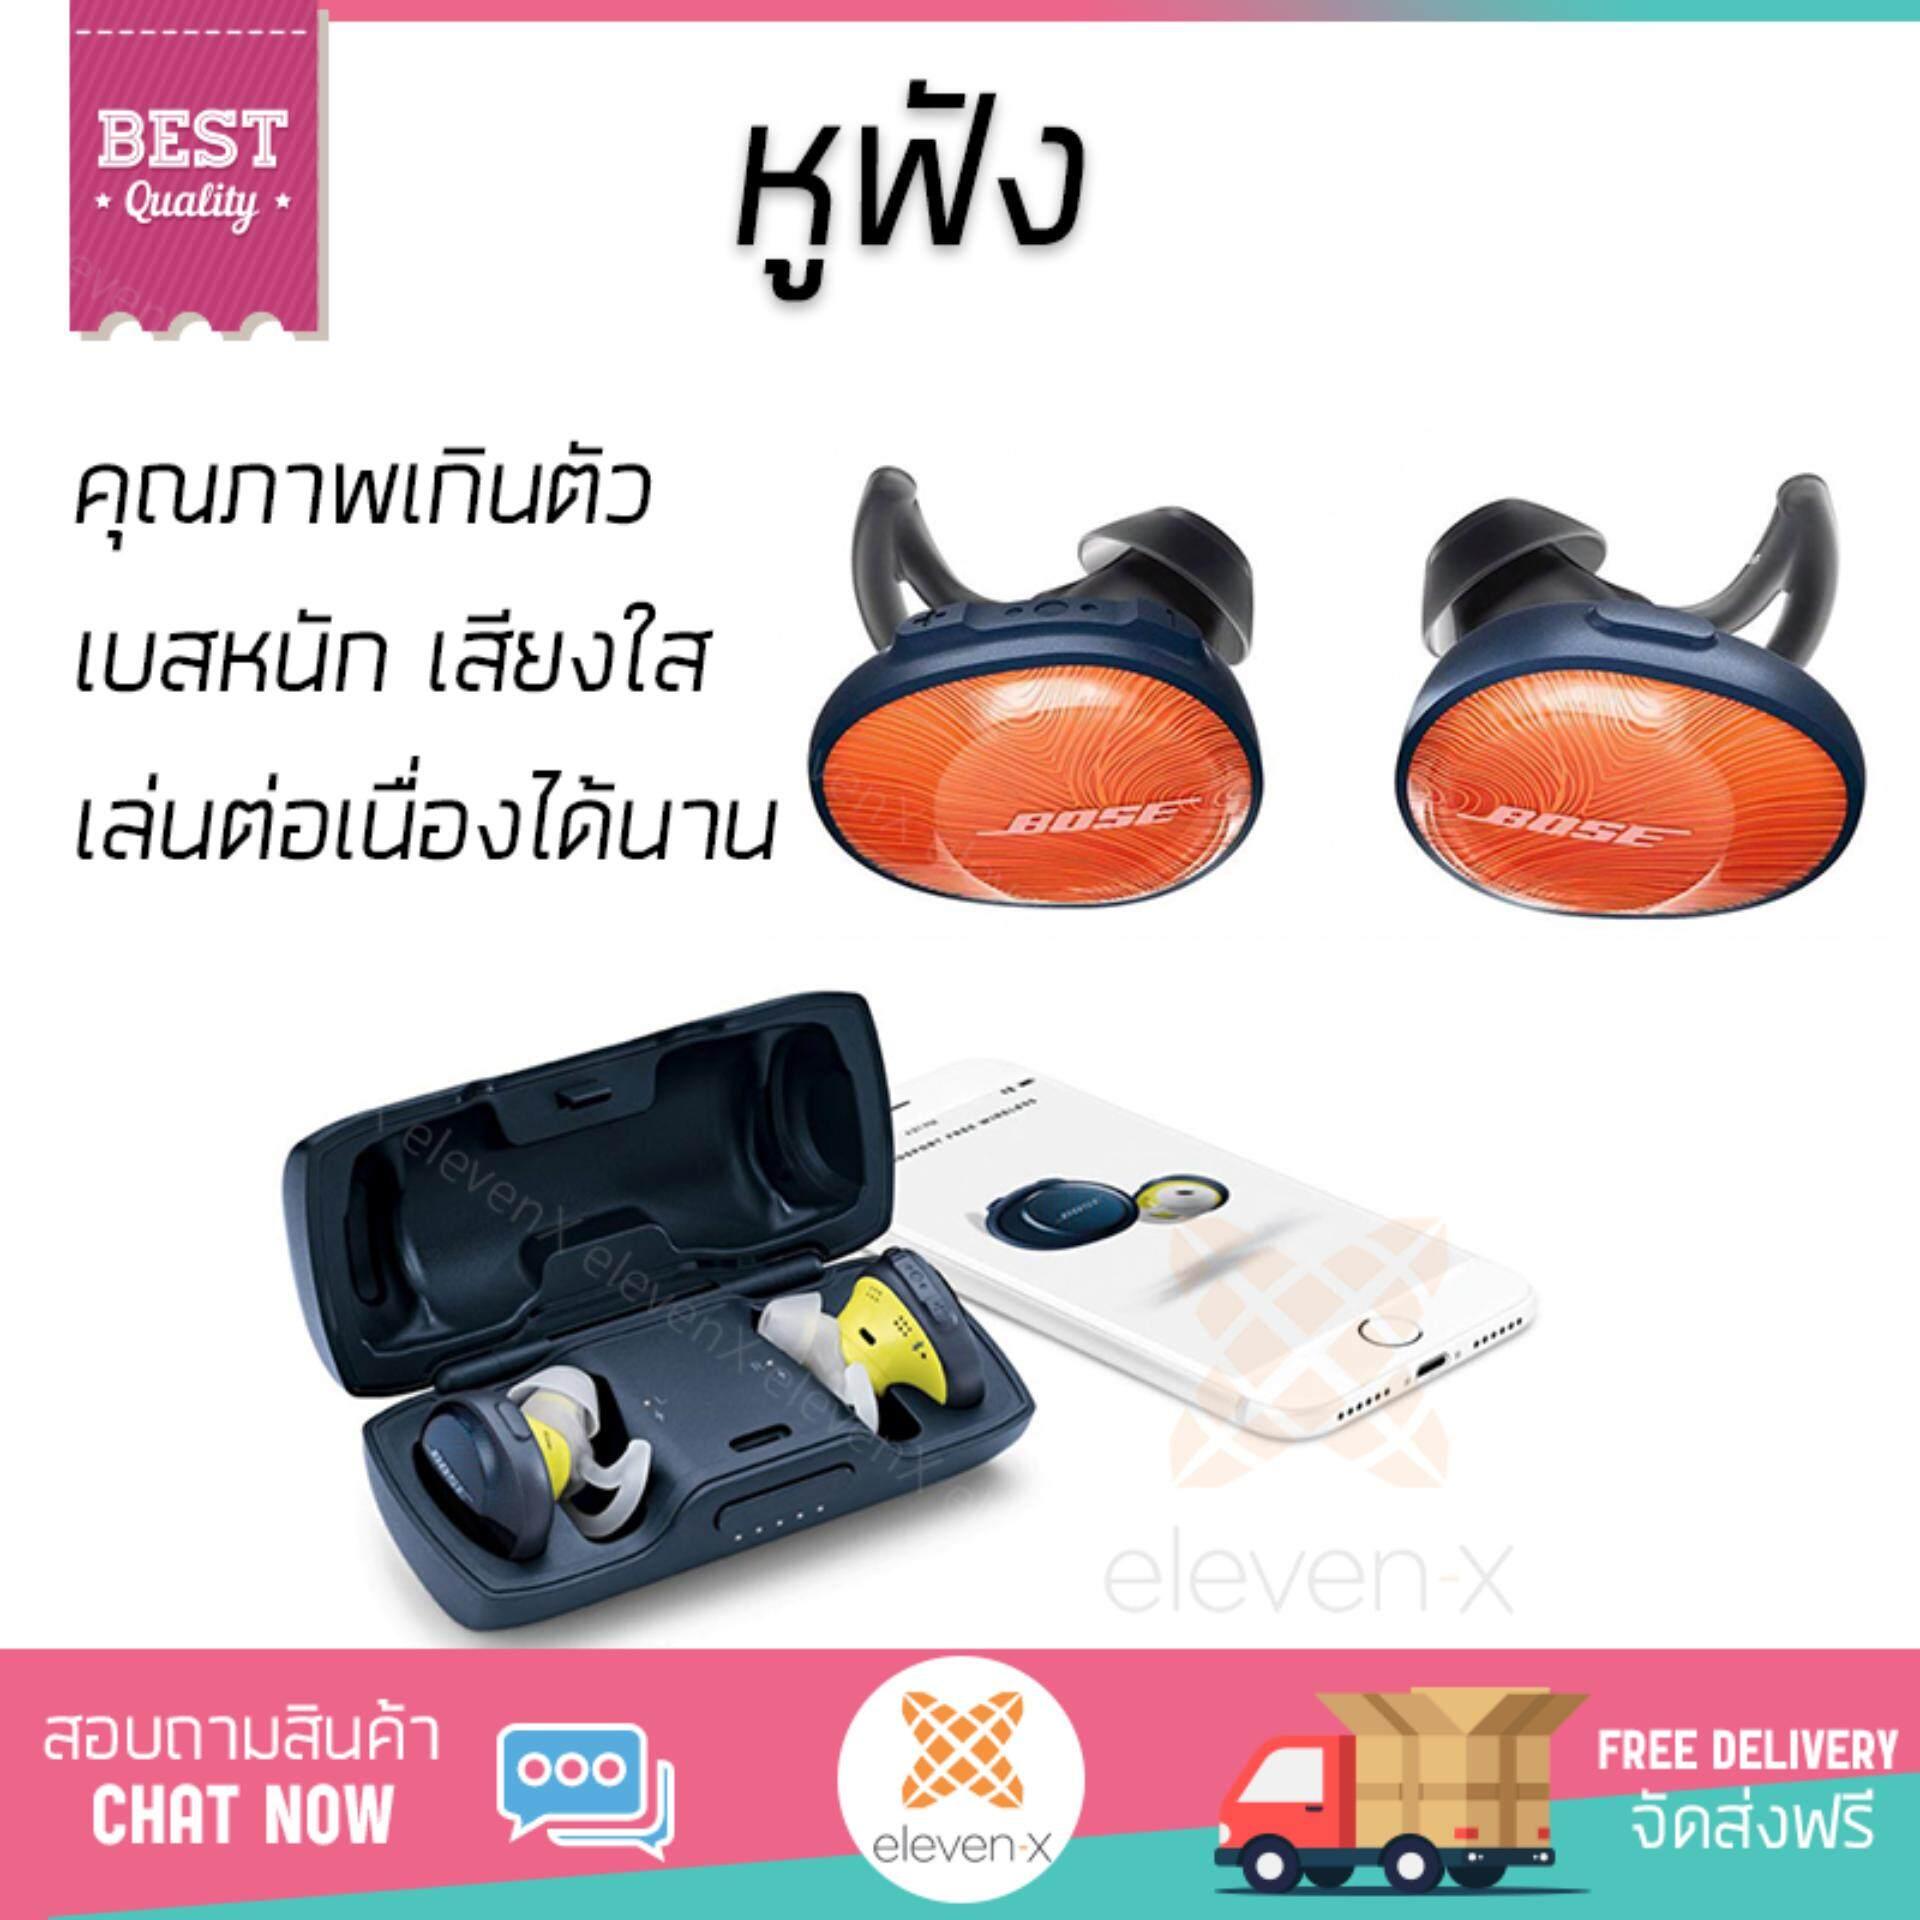 ยี่ห้อไหนดี  นครนายก ของแท้ หูฟัง Bose SoundSport Free Wireless Headphones Orange เบสหนัก เสียงใส คุณภาพเกินตัว Headphone รับประกัน 1 ปี จัดส่งฟรีทั่วประเทศ